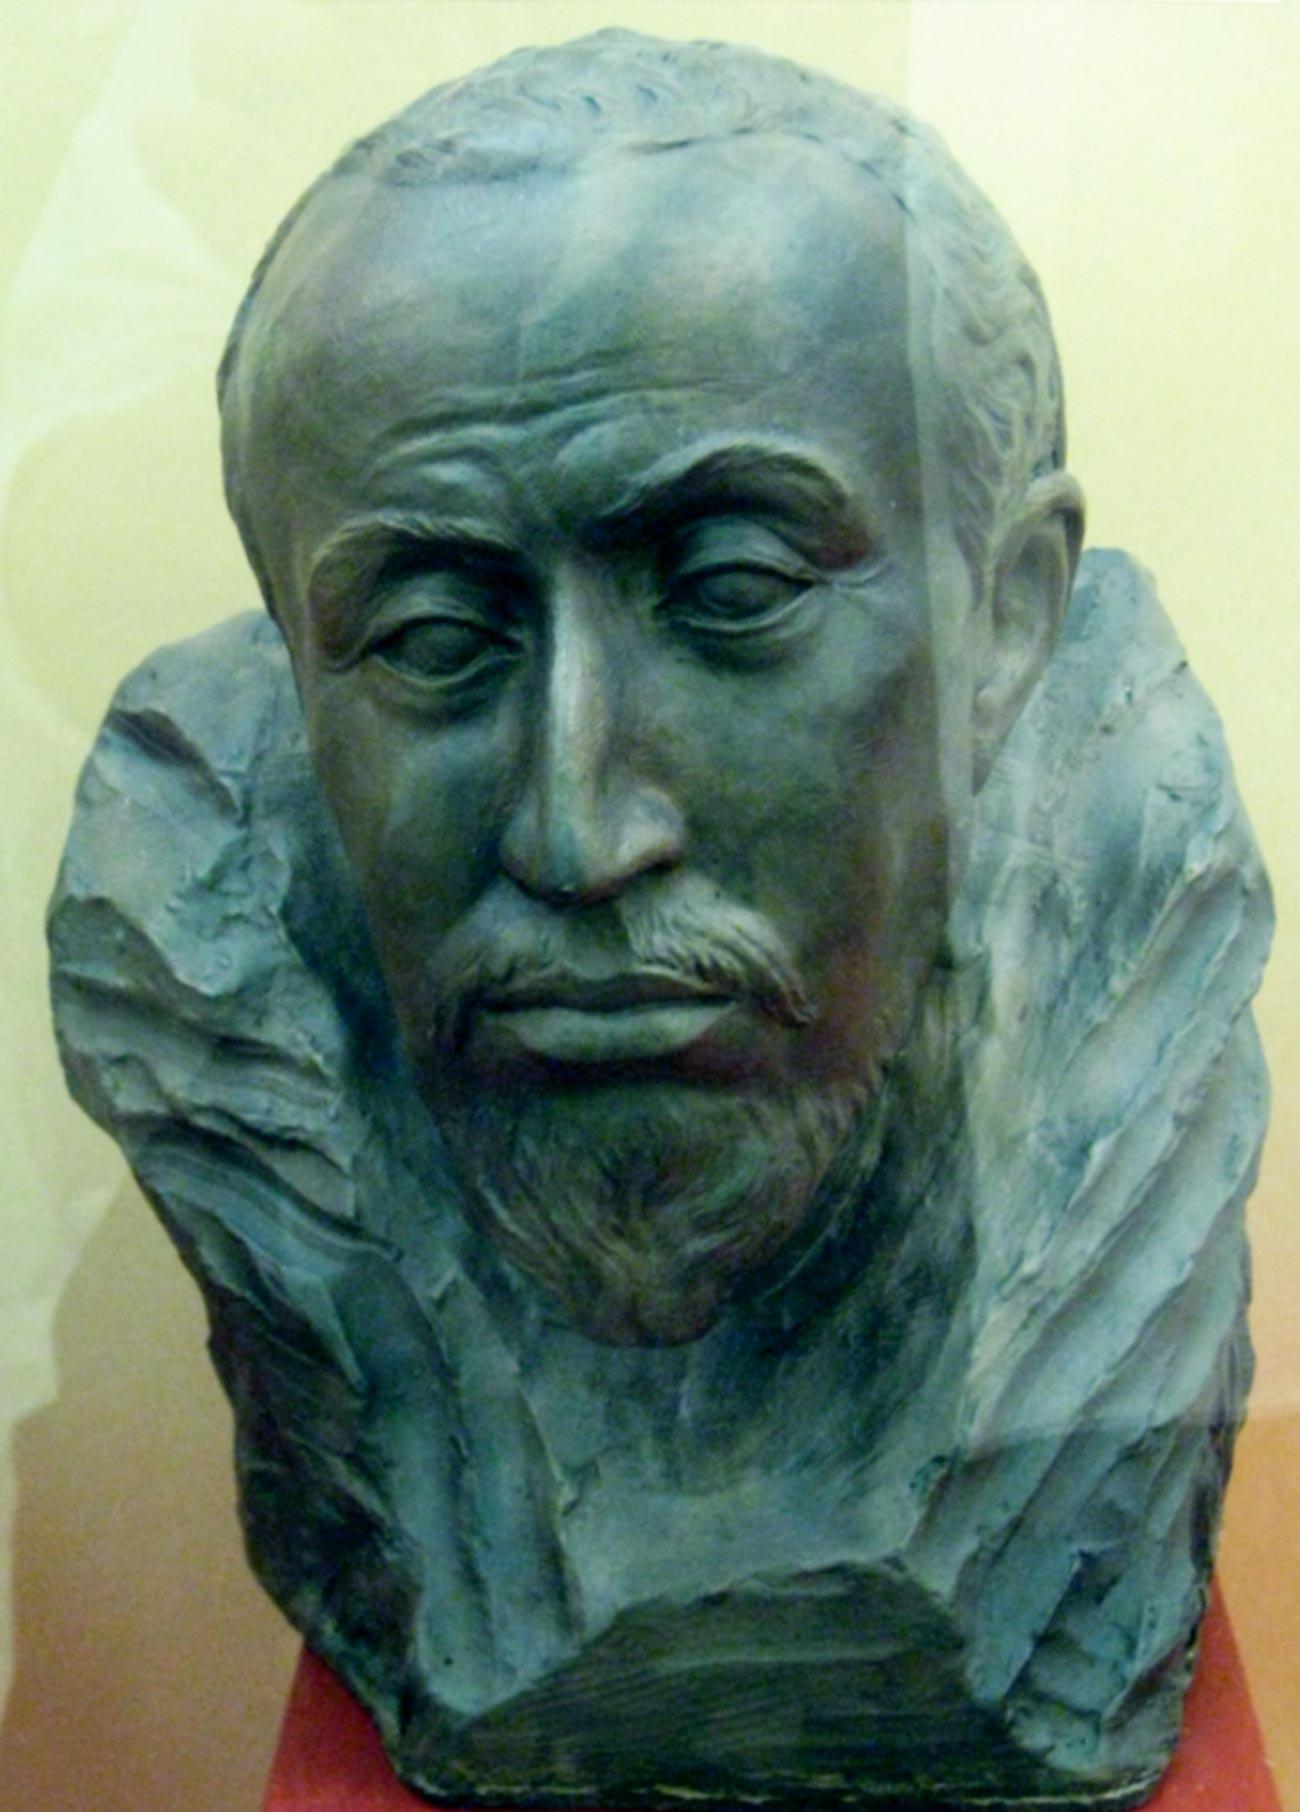 Rekonstruksi forensik wajah Tsar Feodor Ioannovich. Dibuat oleh M. Gerasimov, 1963.